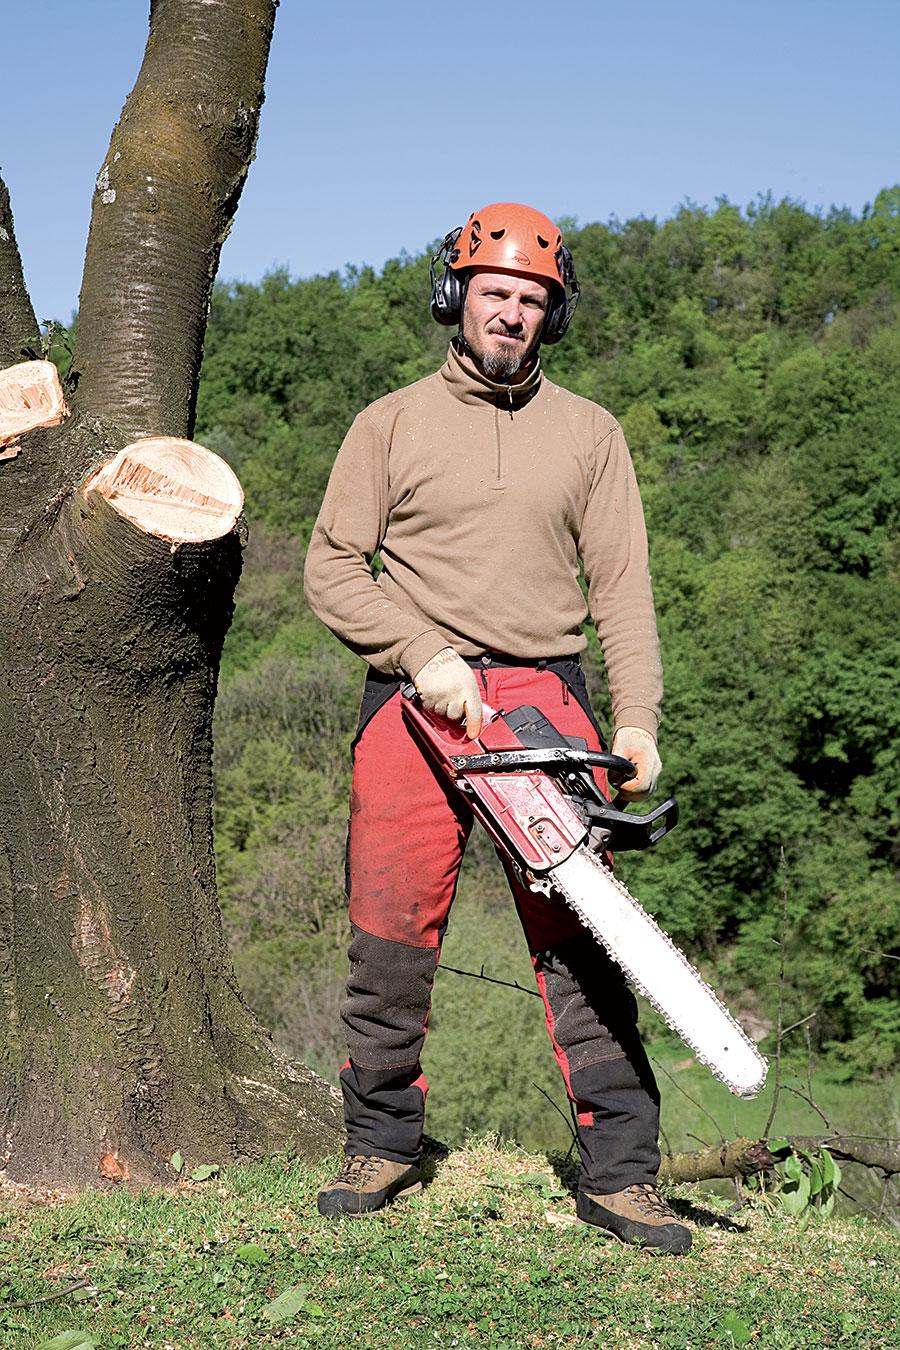 Giampiero Berni (42) lumberjack at Fratelli Zanetti, Croglio (Switzerland)